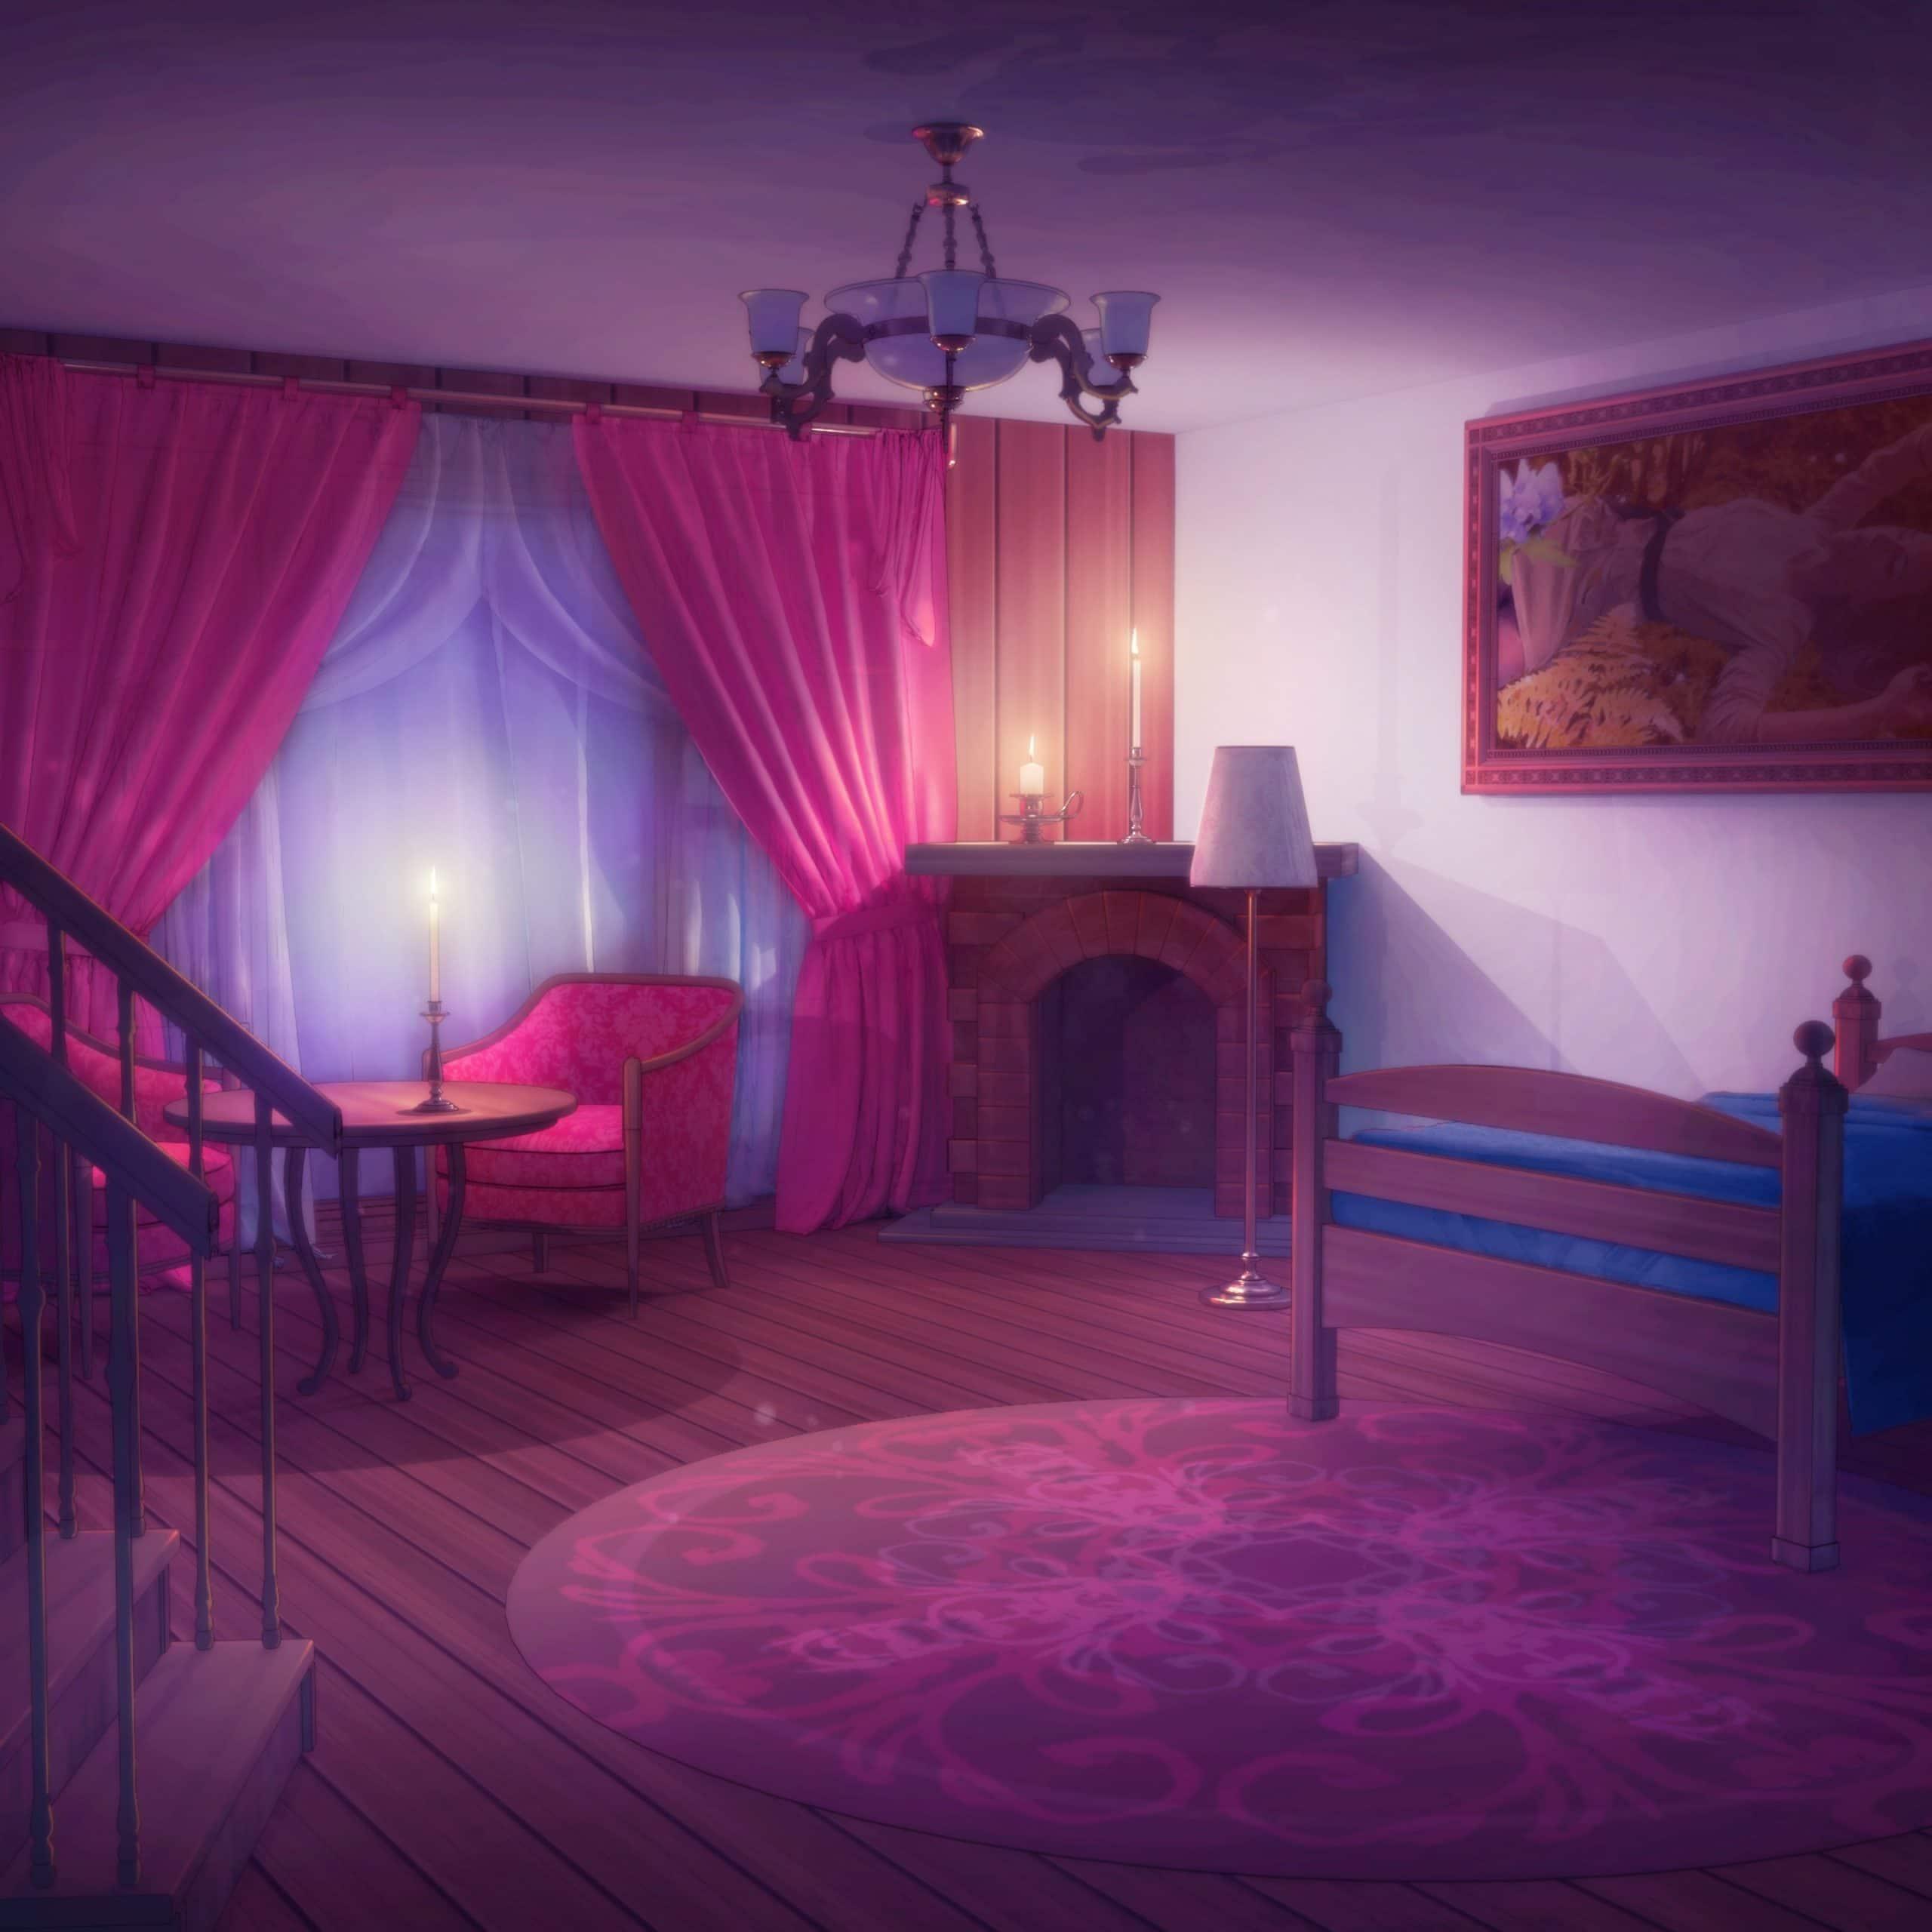 Peter personnage de Is It Love et vue d'une chambre romantique